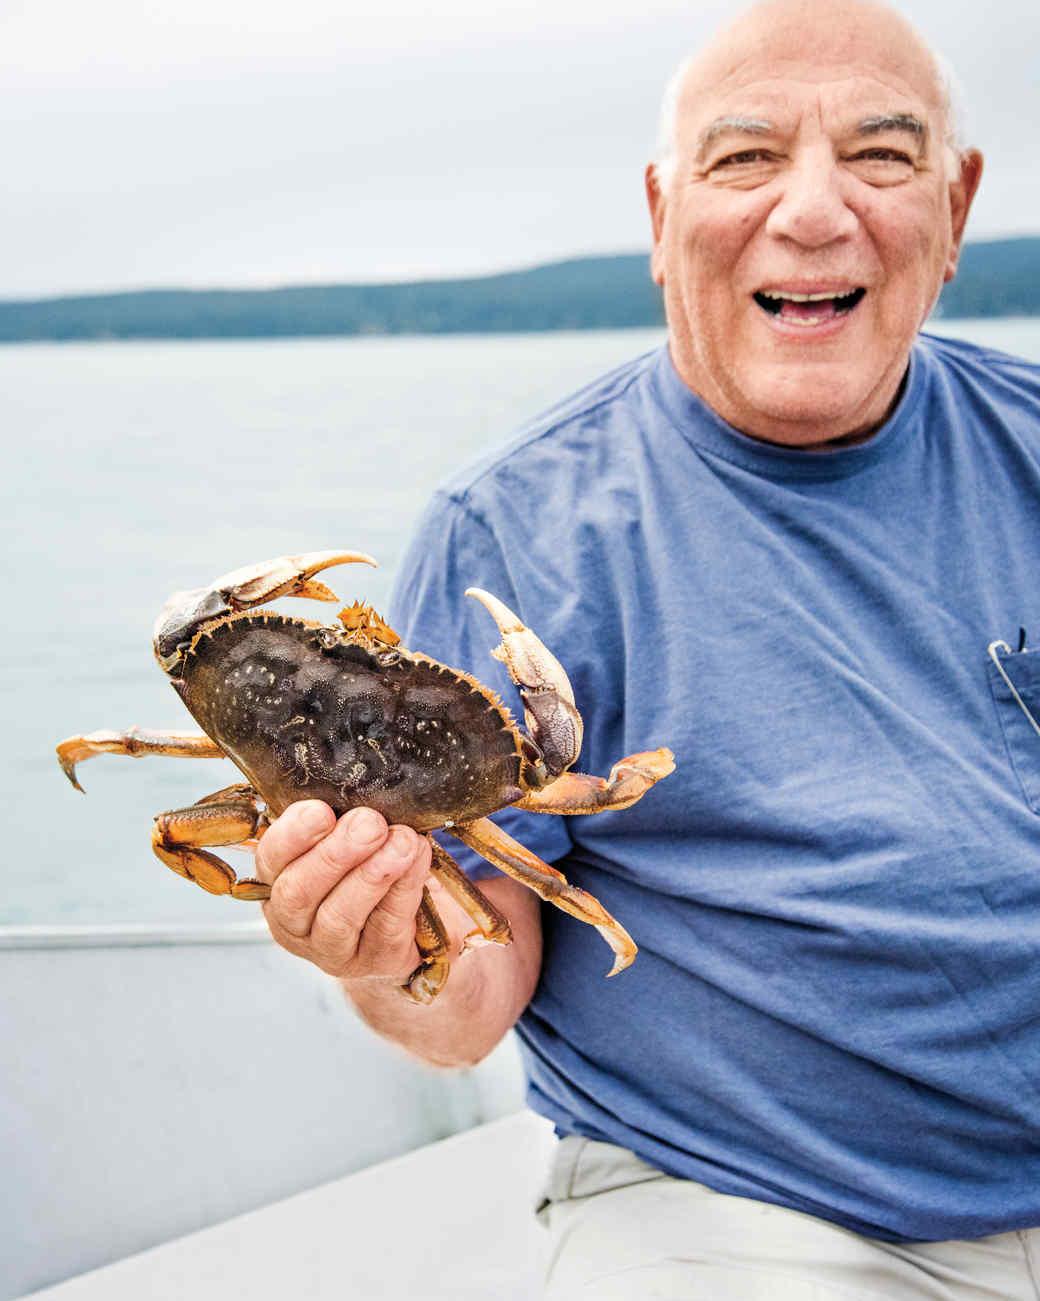 crabbing-16-d111488.jpg